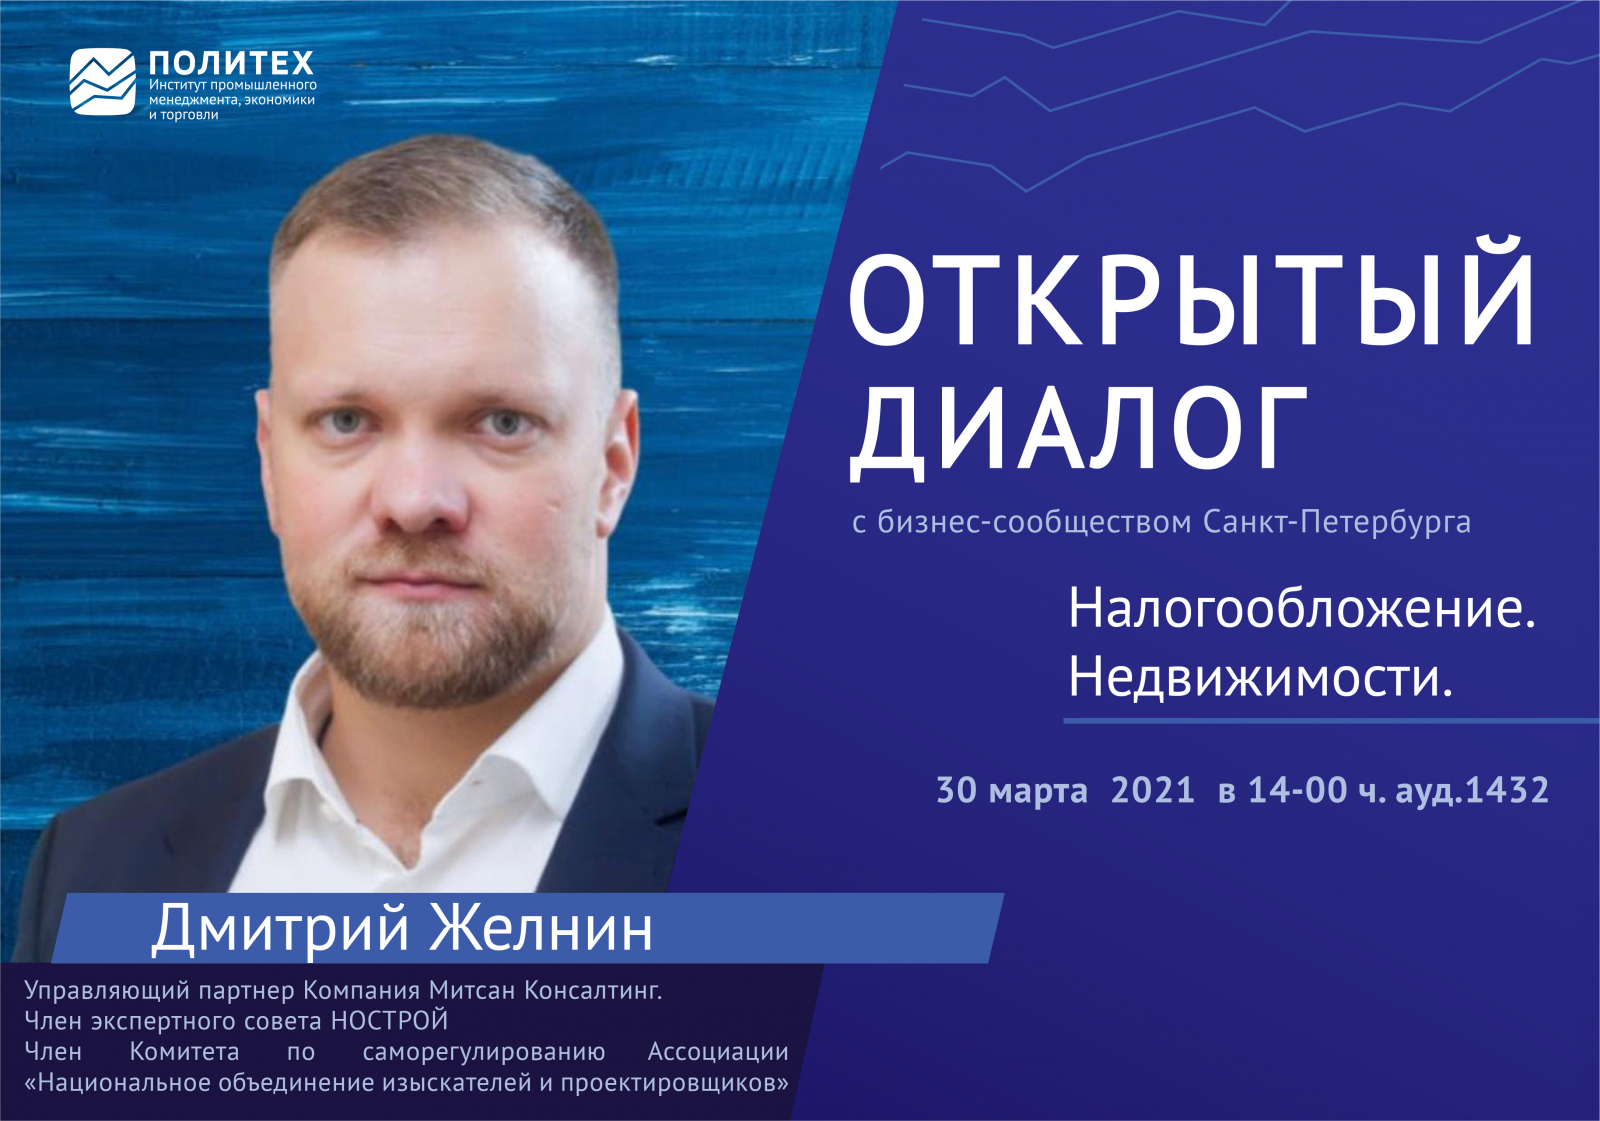 Открытые диалоги с бизнес-сообществом Санкт-Петербурга: Дмитрием Желниным